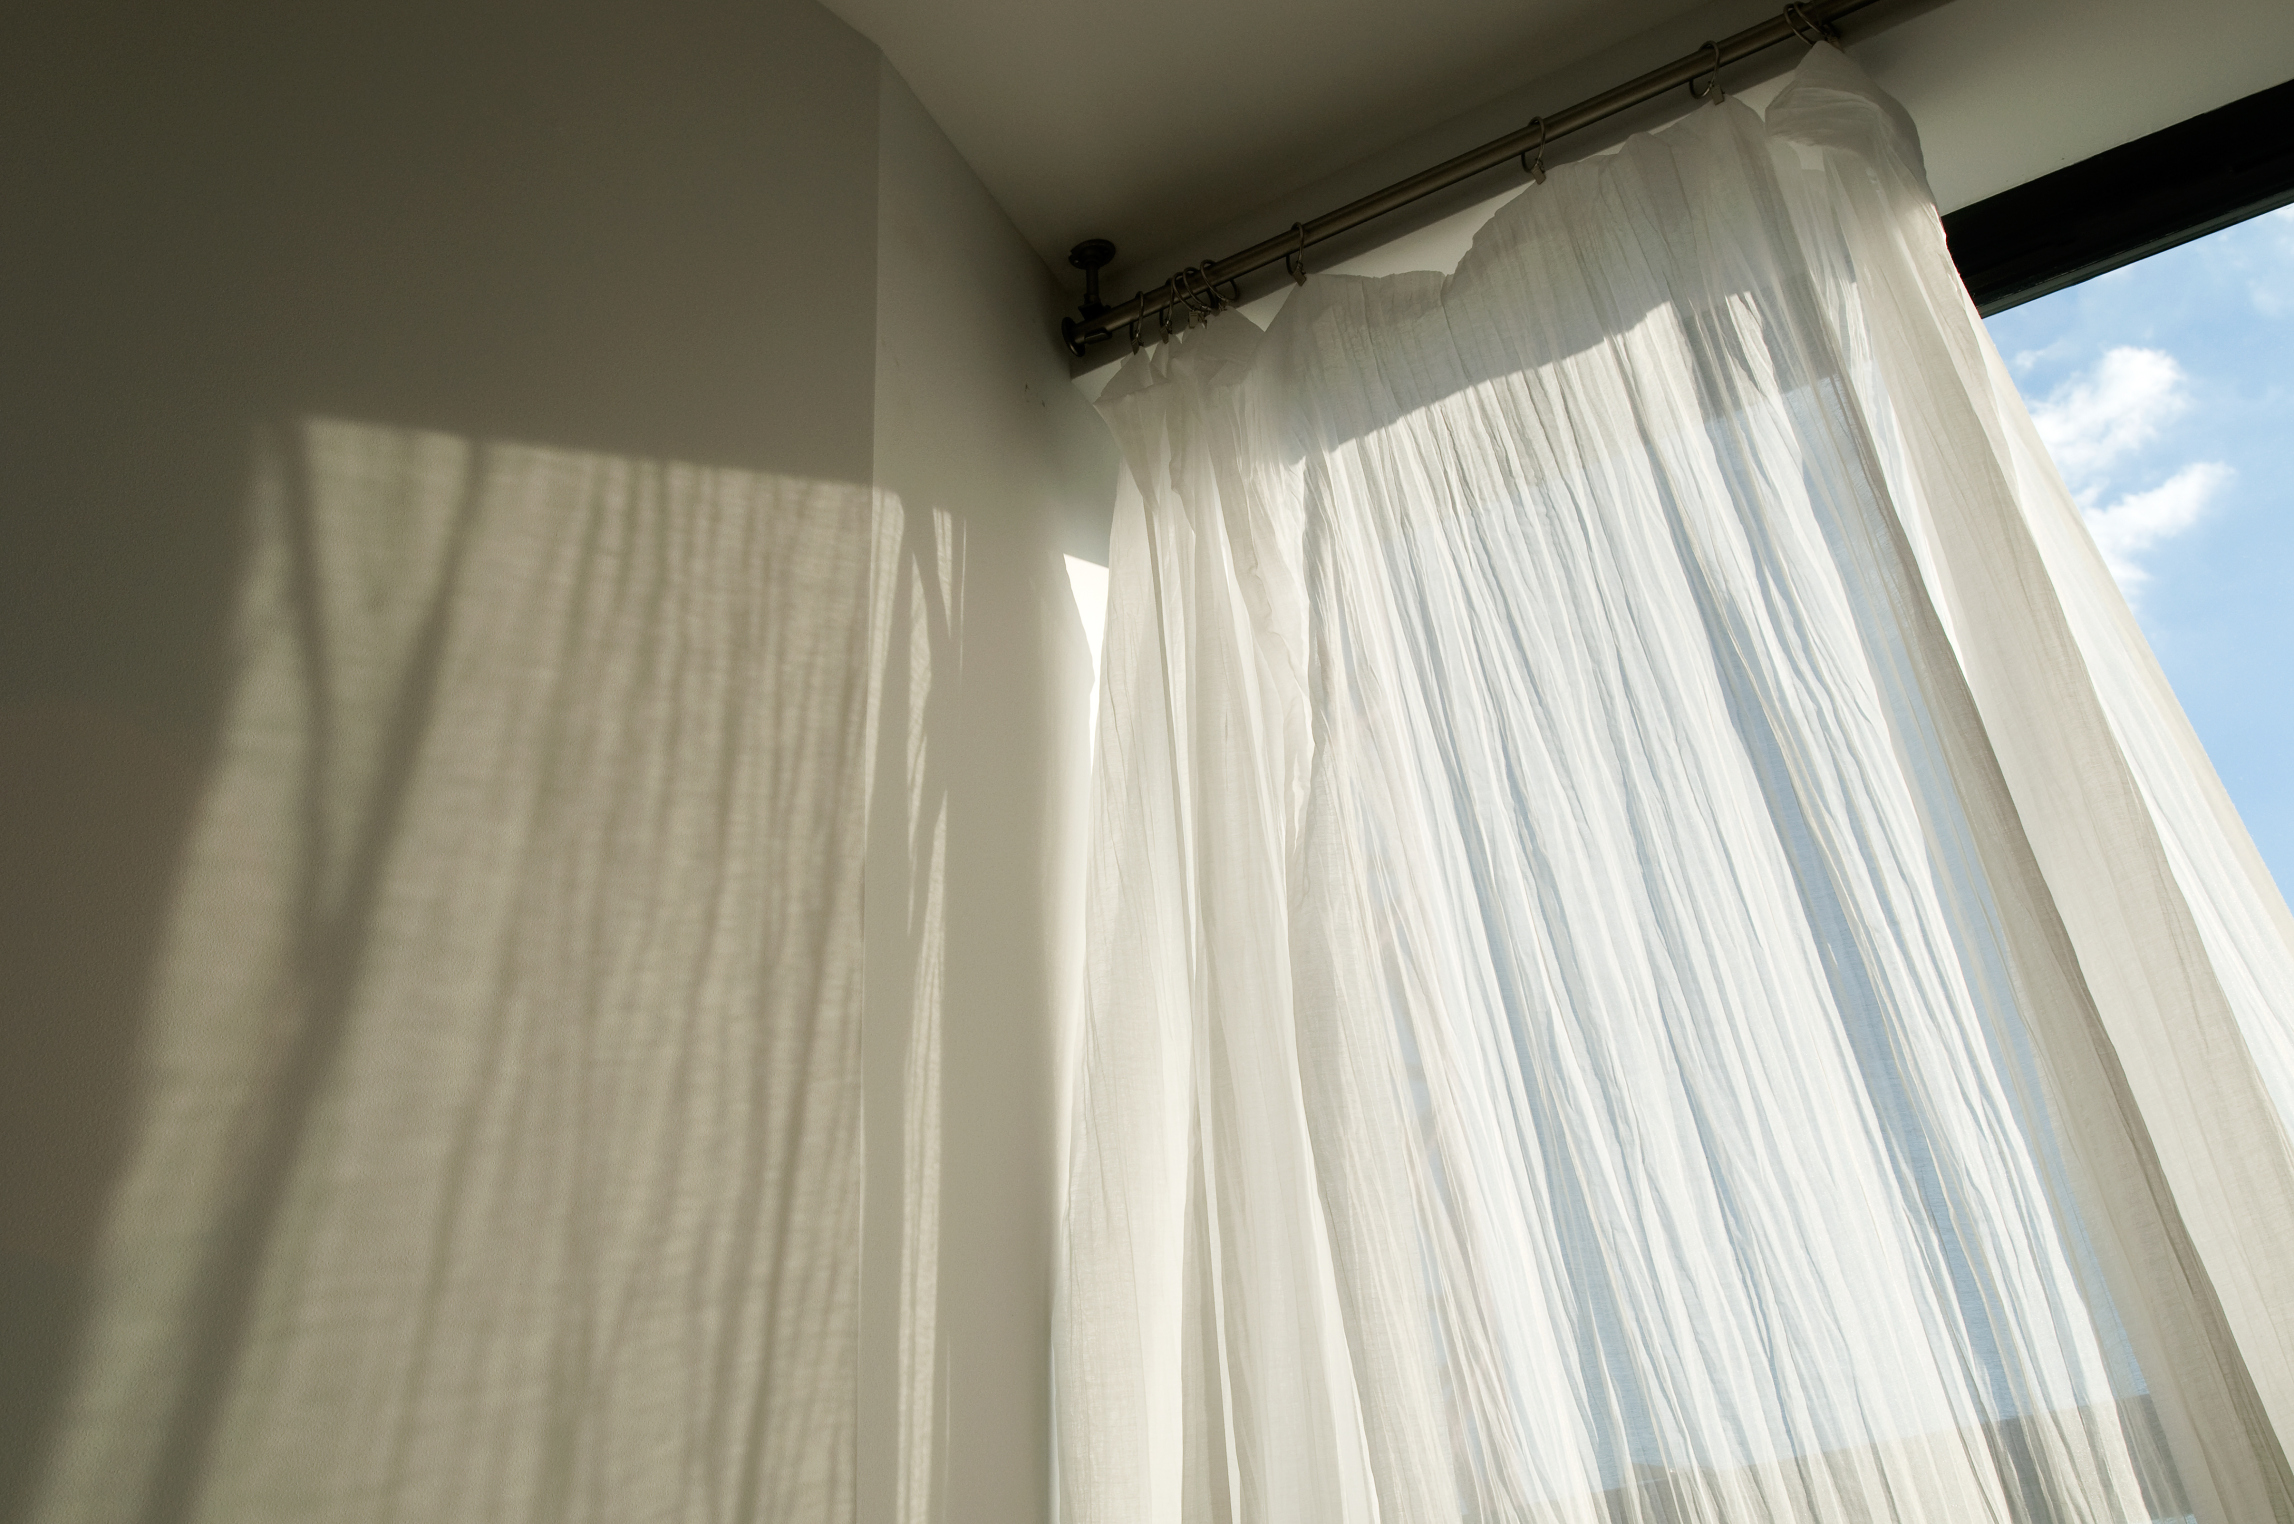 Cuáles son las telas semitransparentes que los decoradores